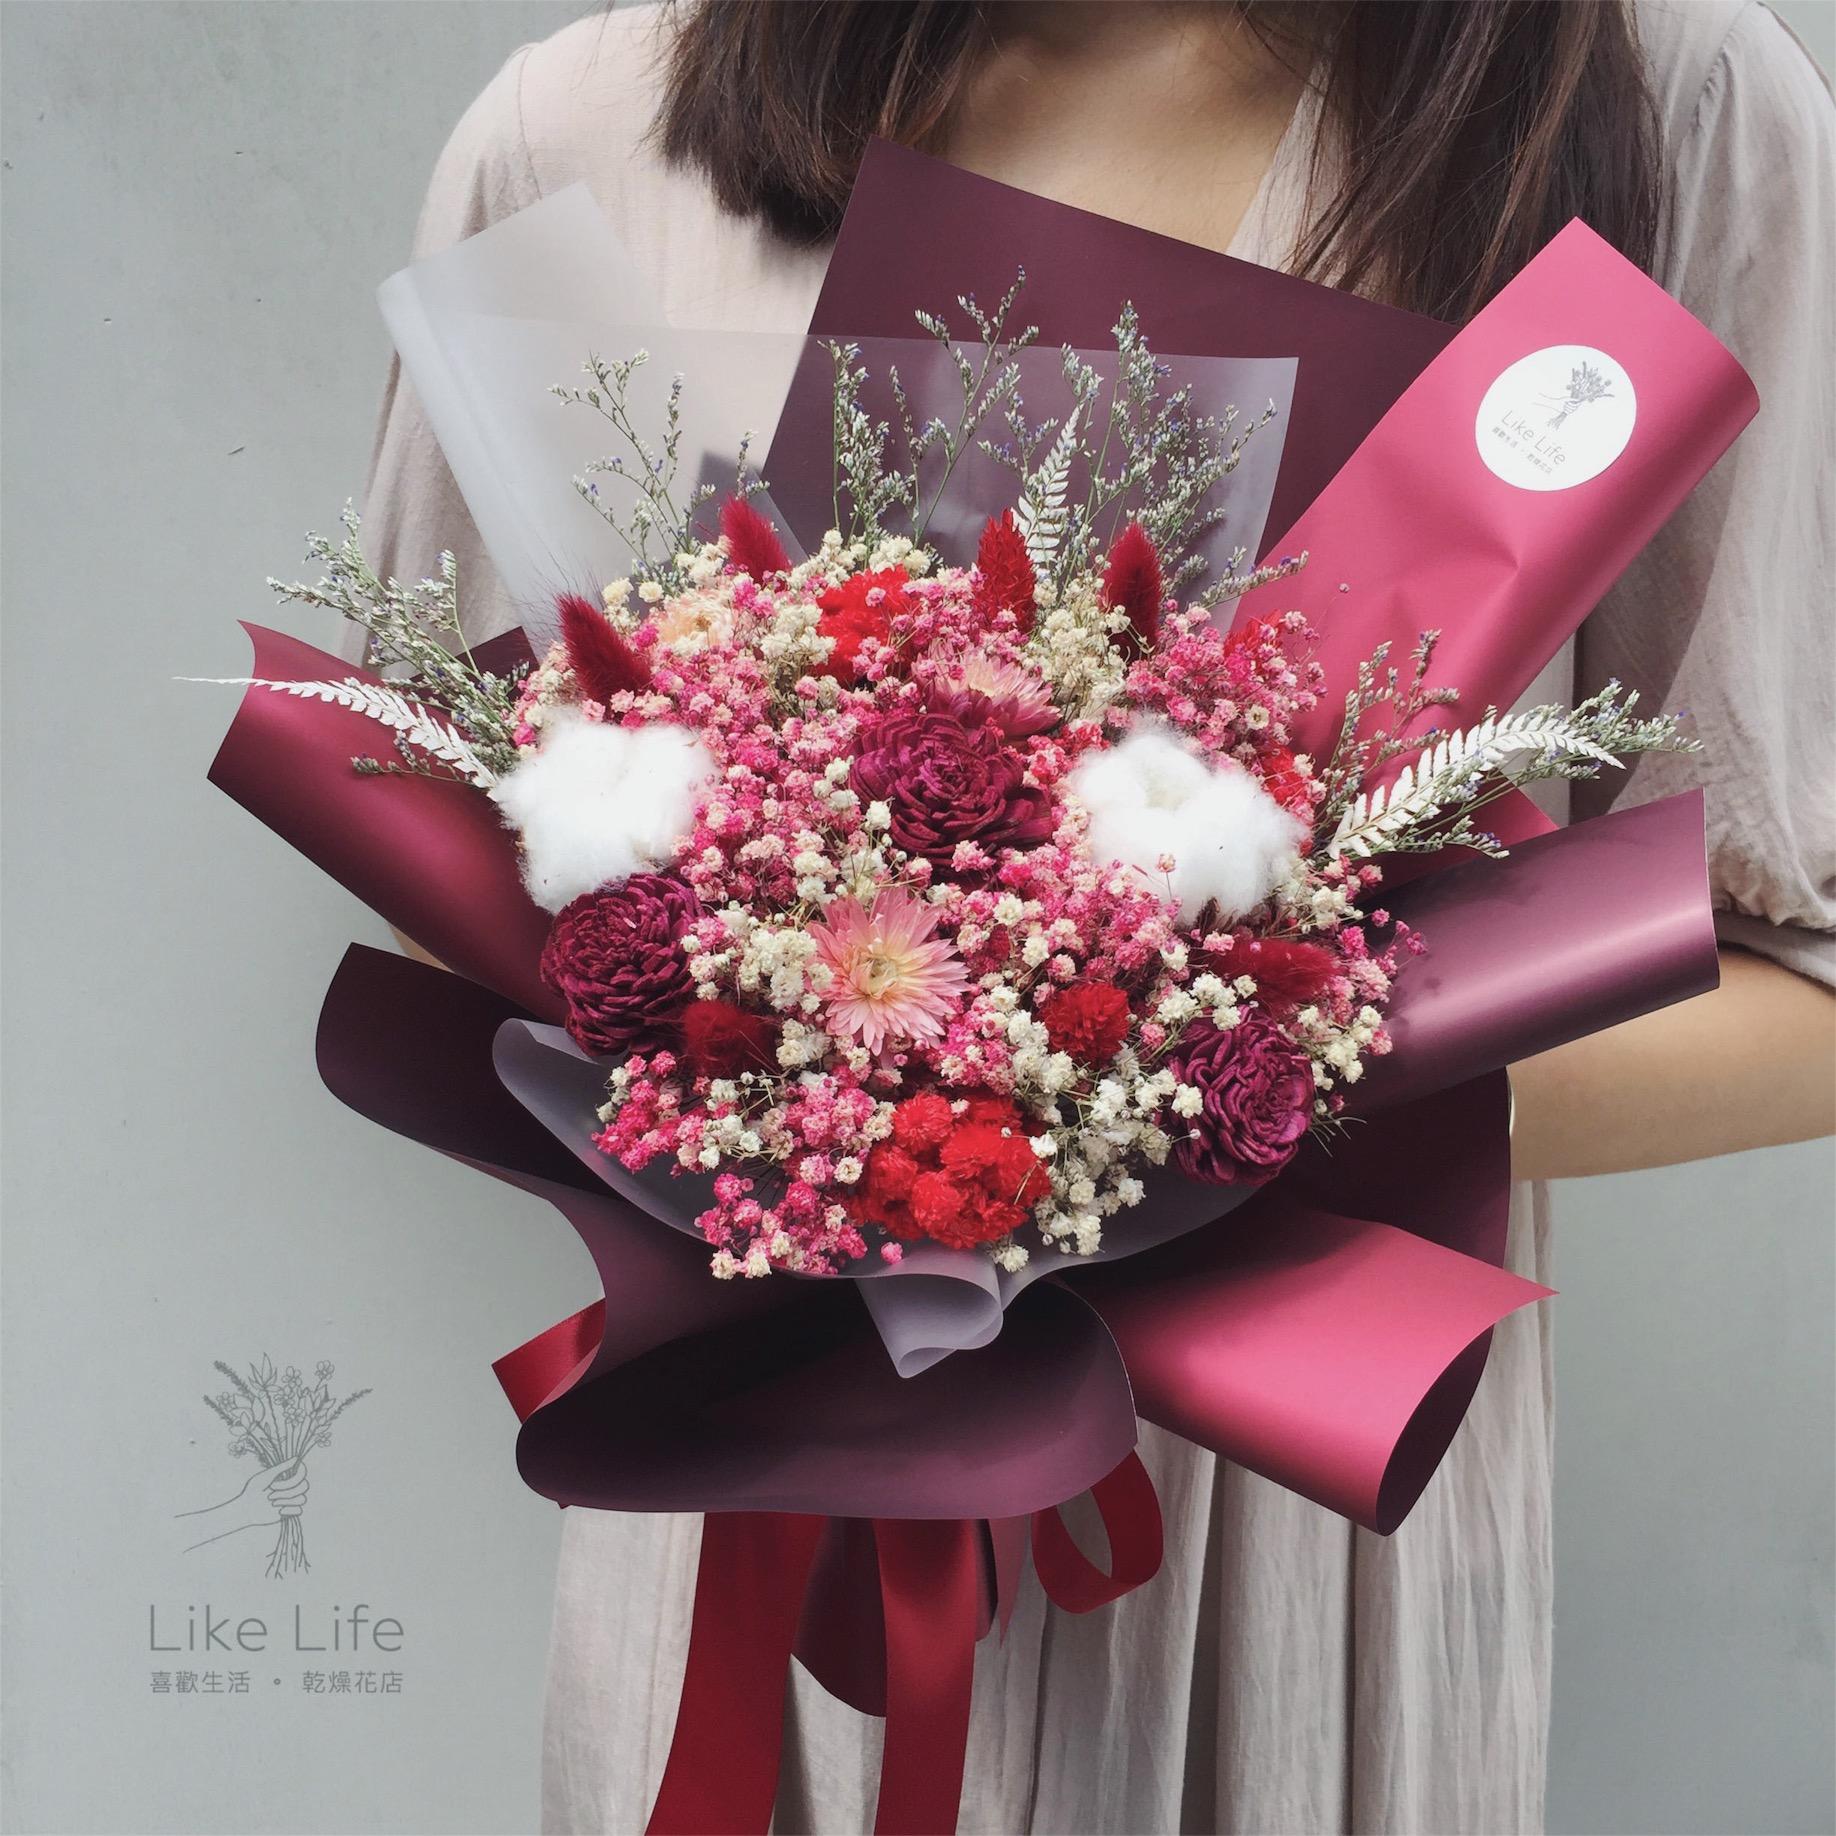 情人節乾燥花束紅色封面